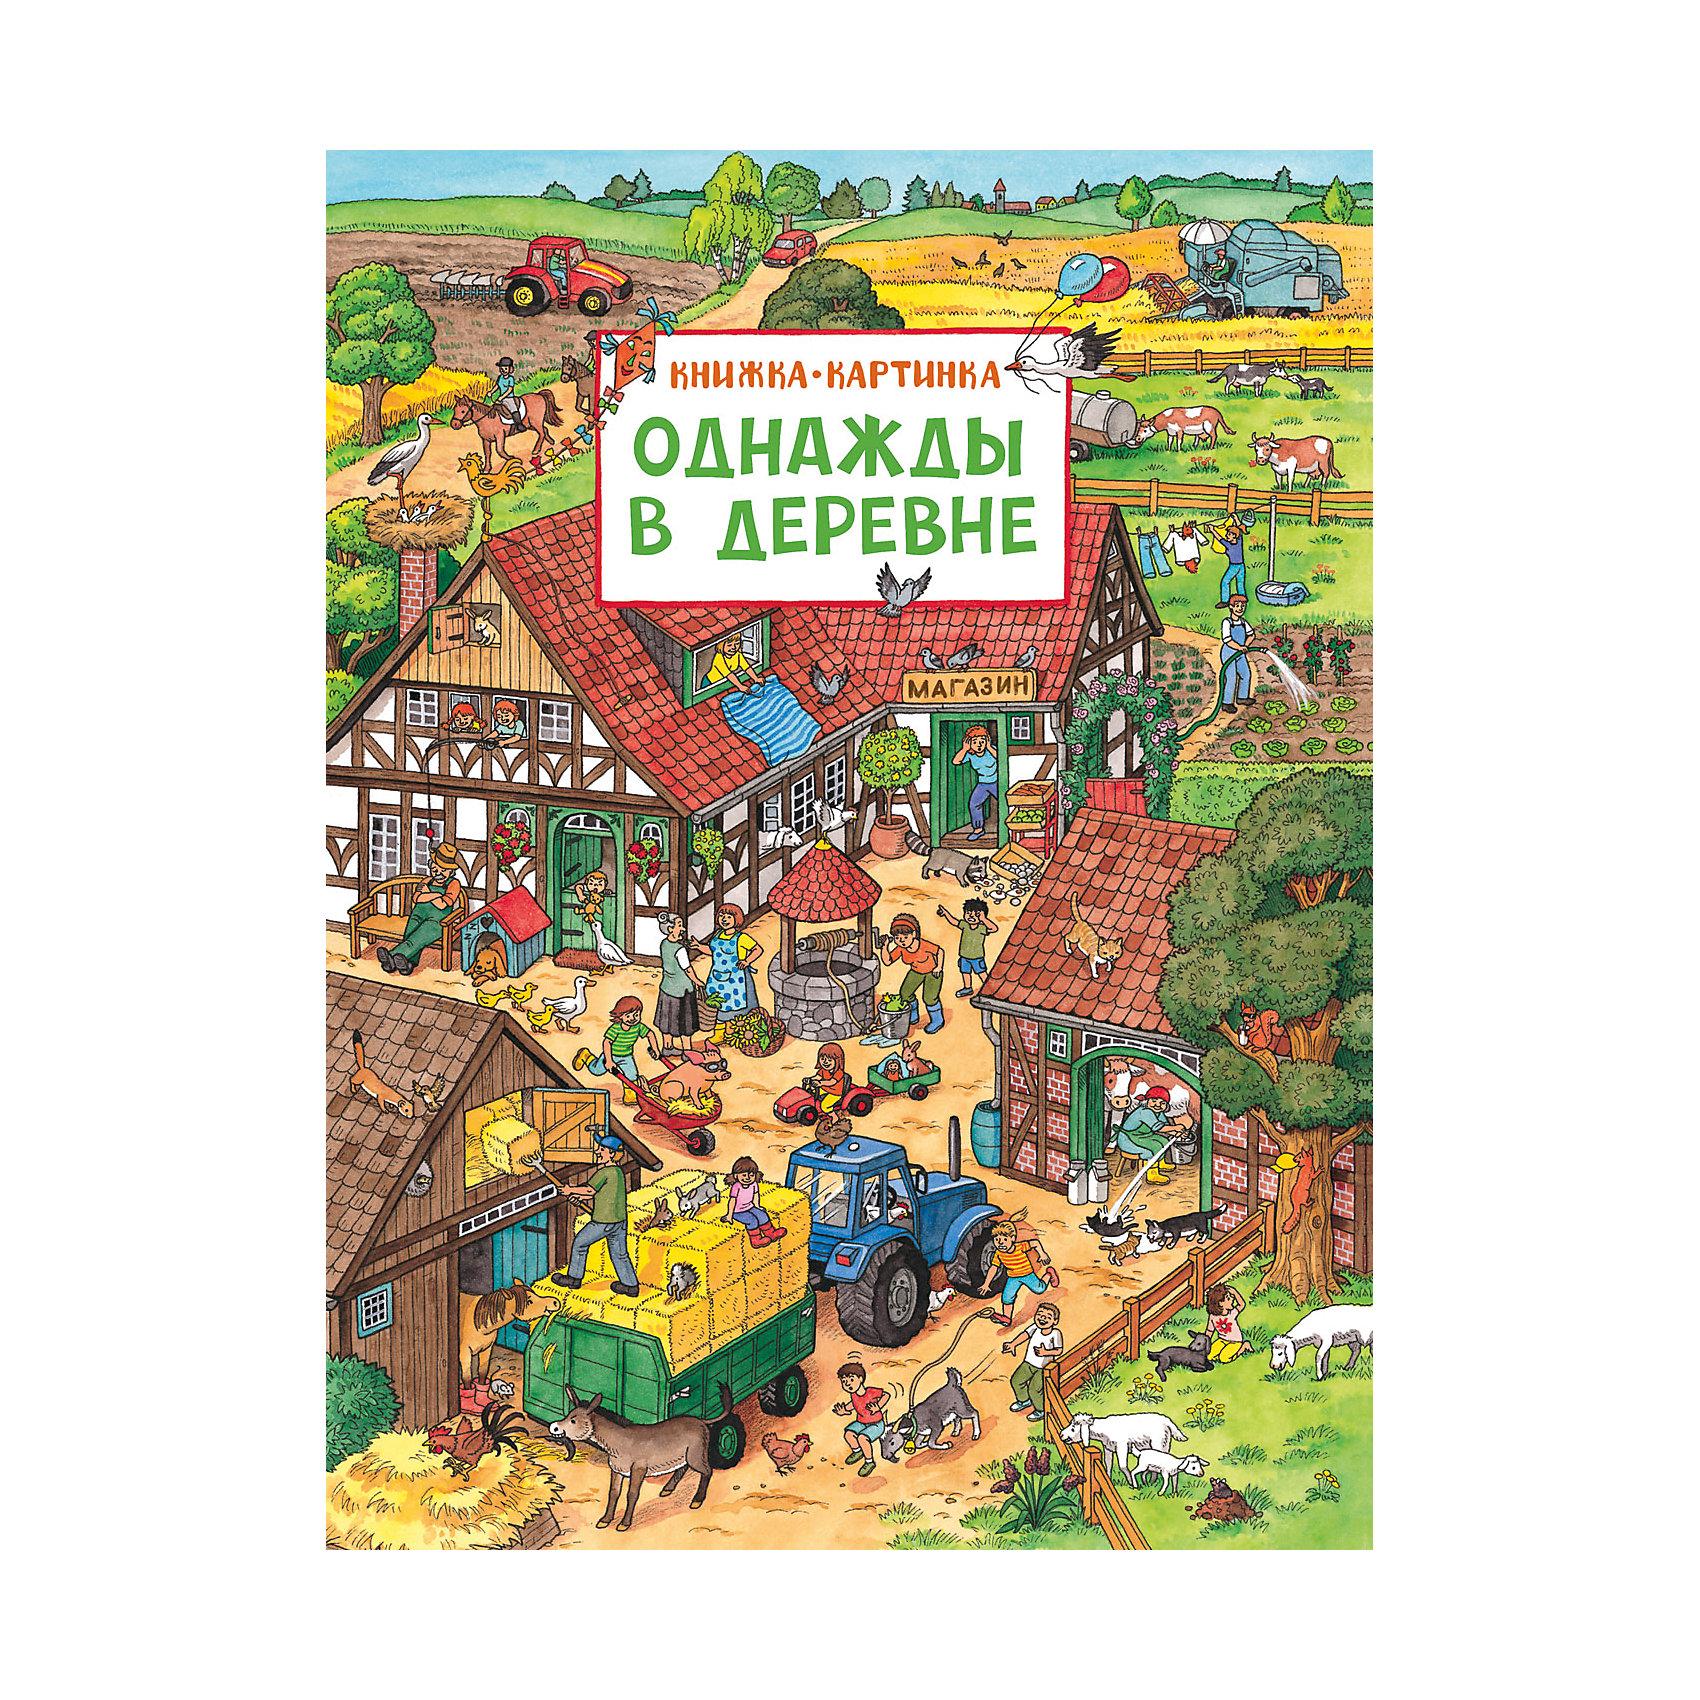 Однажды в деревне (Книжка-картинка)Виммельбухи<br>Характеристики товара:<br><br>- цвет: разноцветный;<br>- материал: бумага;<br>- страниц: 14;<br>- формат: 32 x 24 см;<br>- обложка: твердая;<br>- цветные иллюстрации.<br><br>Эта интересная книга с иллюстрациями станет отличным подарком для ребенка. Талантливый иллюстратор дополнил книгу качественными рисунками, которые можно рассматривать бесконечно!<br>Чтение и рассматривание картинок даже в юном возрасте помогает ребенку развивать зрительную память, концентрацию внимания и воображение. Издание произведено из качественных материалов, которые безопасны даже для самых маленьких.<br><br>Книгу Однажды в деревне (Книжка-картинка) от компании Росмэн можно купить в нашем интернет-магазине.<br><br>Ширина мм: 315<br>Глубина мм: 235<br>Высота мм: 10<br>Вес г: 375<br>Возраст от месяцев: 0<br>Возраст до месяцев: 36<br>Пол: Унисекс<br>Возраст: Детский<br>SKU: 5110052